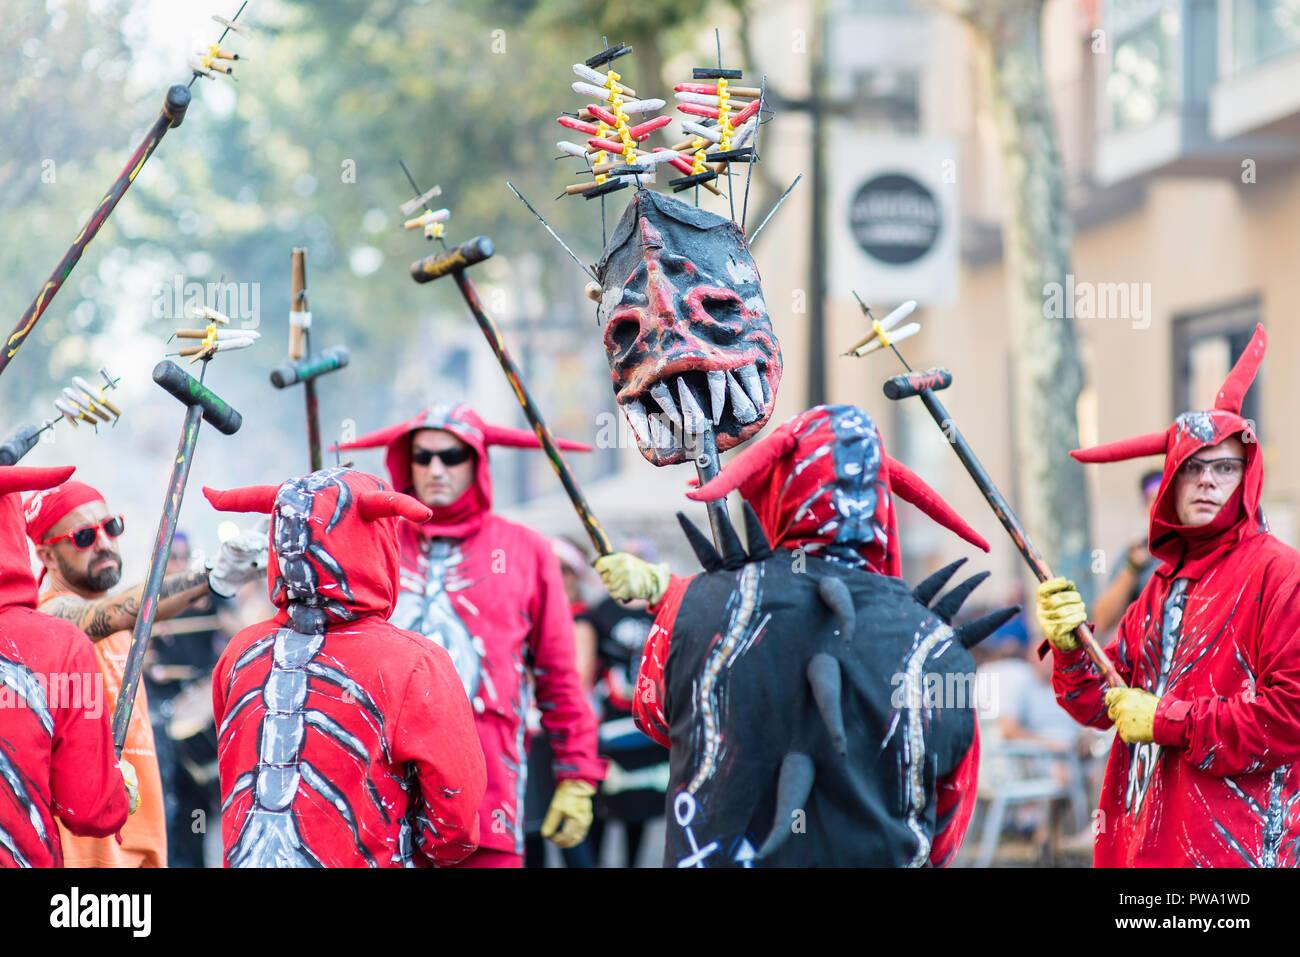 Uomini che indossano i costumi di eseguire per il Correfoc parade durante la Festa Major a Vilanova I la Geltru'. Barcellona, in Catalogna. Agosto 2018 Immagini Stock